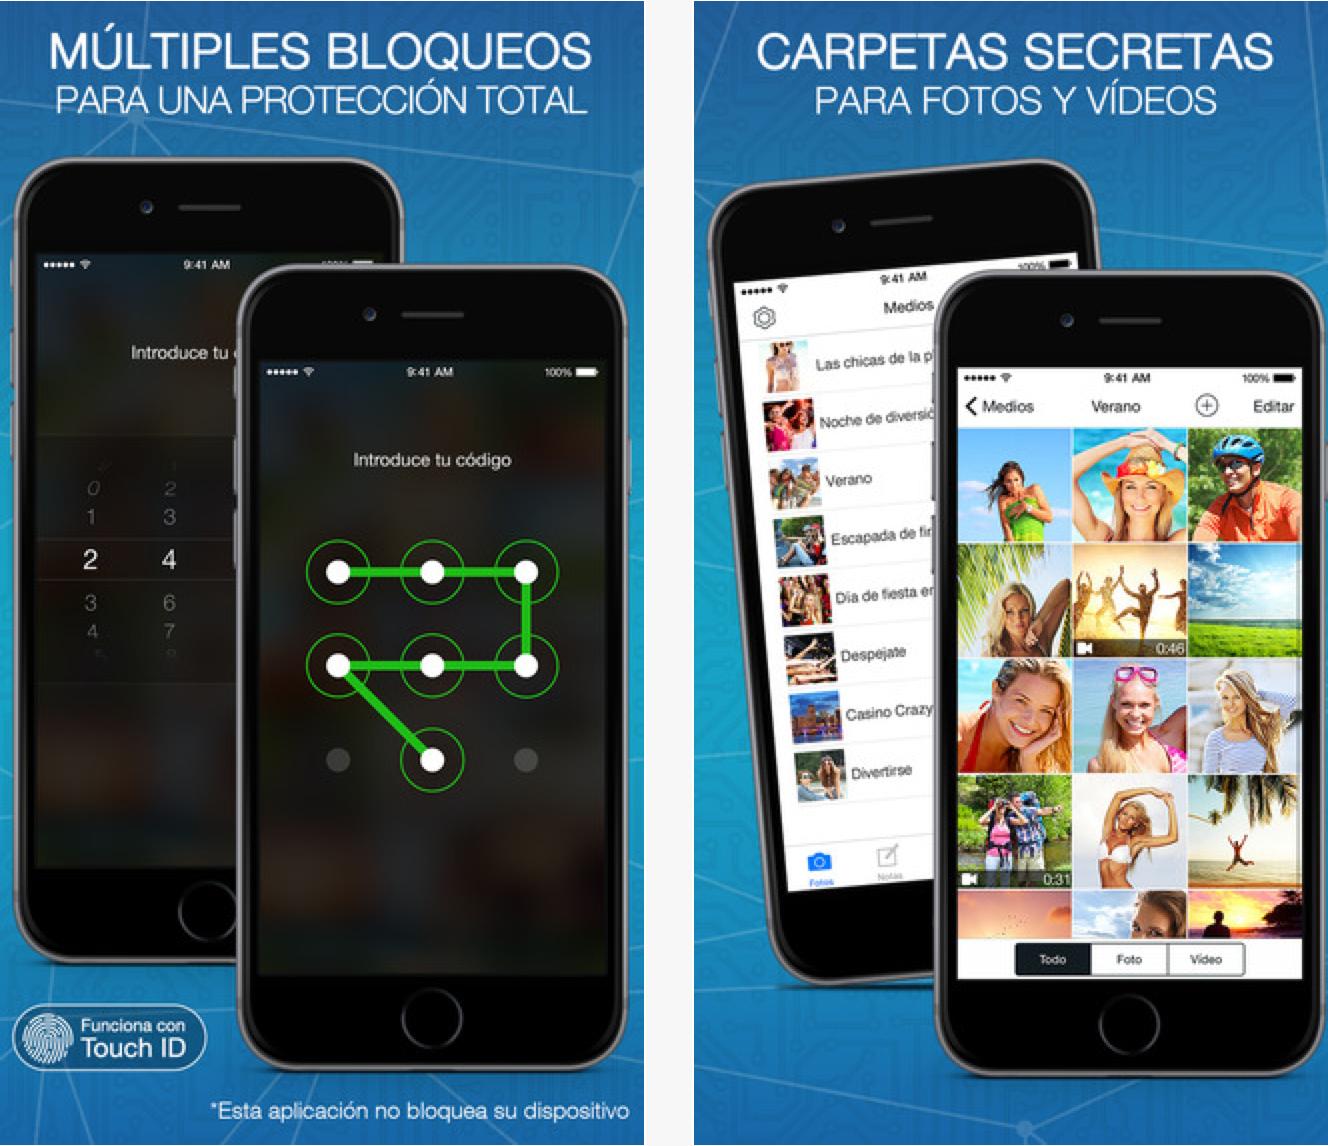 app privaciodad para smartphones. manos fuera